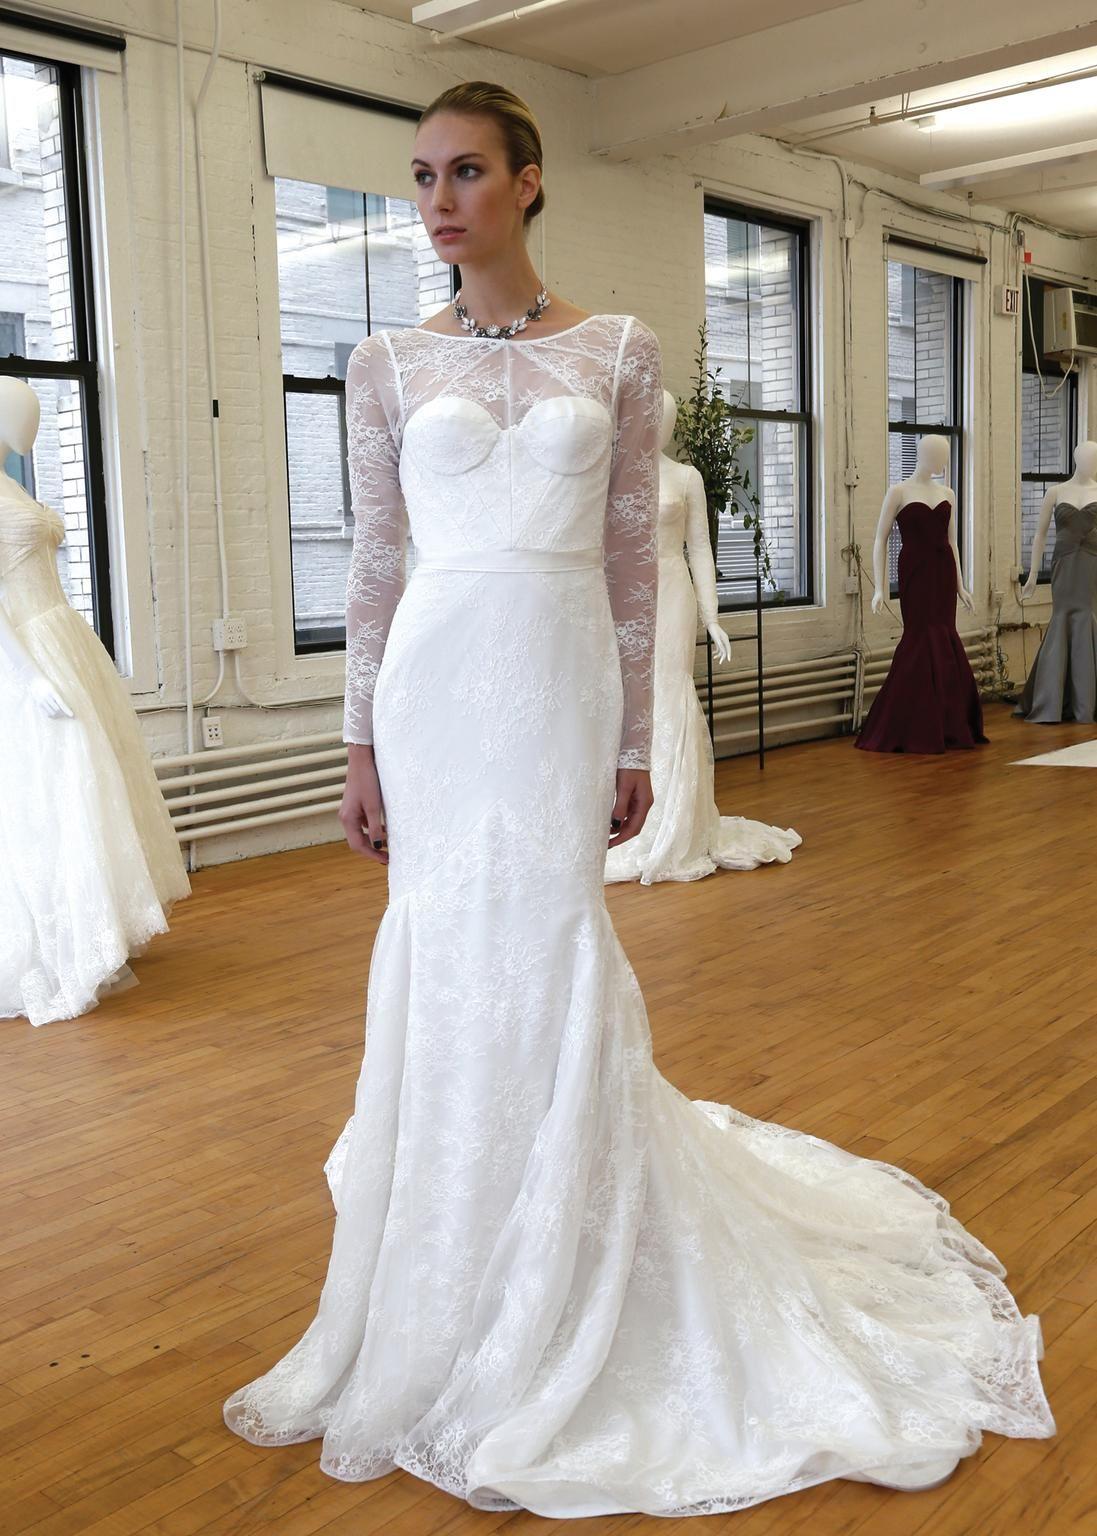 Zac Posen Truly 341506 Wedding Dress New Size 12 780 Wedding Gowns Mermaid Dresses Wedding Gowns [ 1536 x 1097 Pixel ]